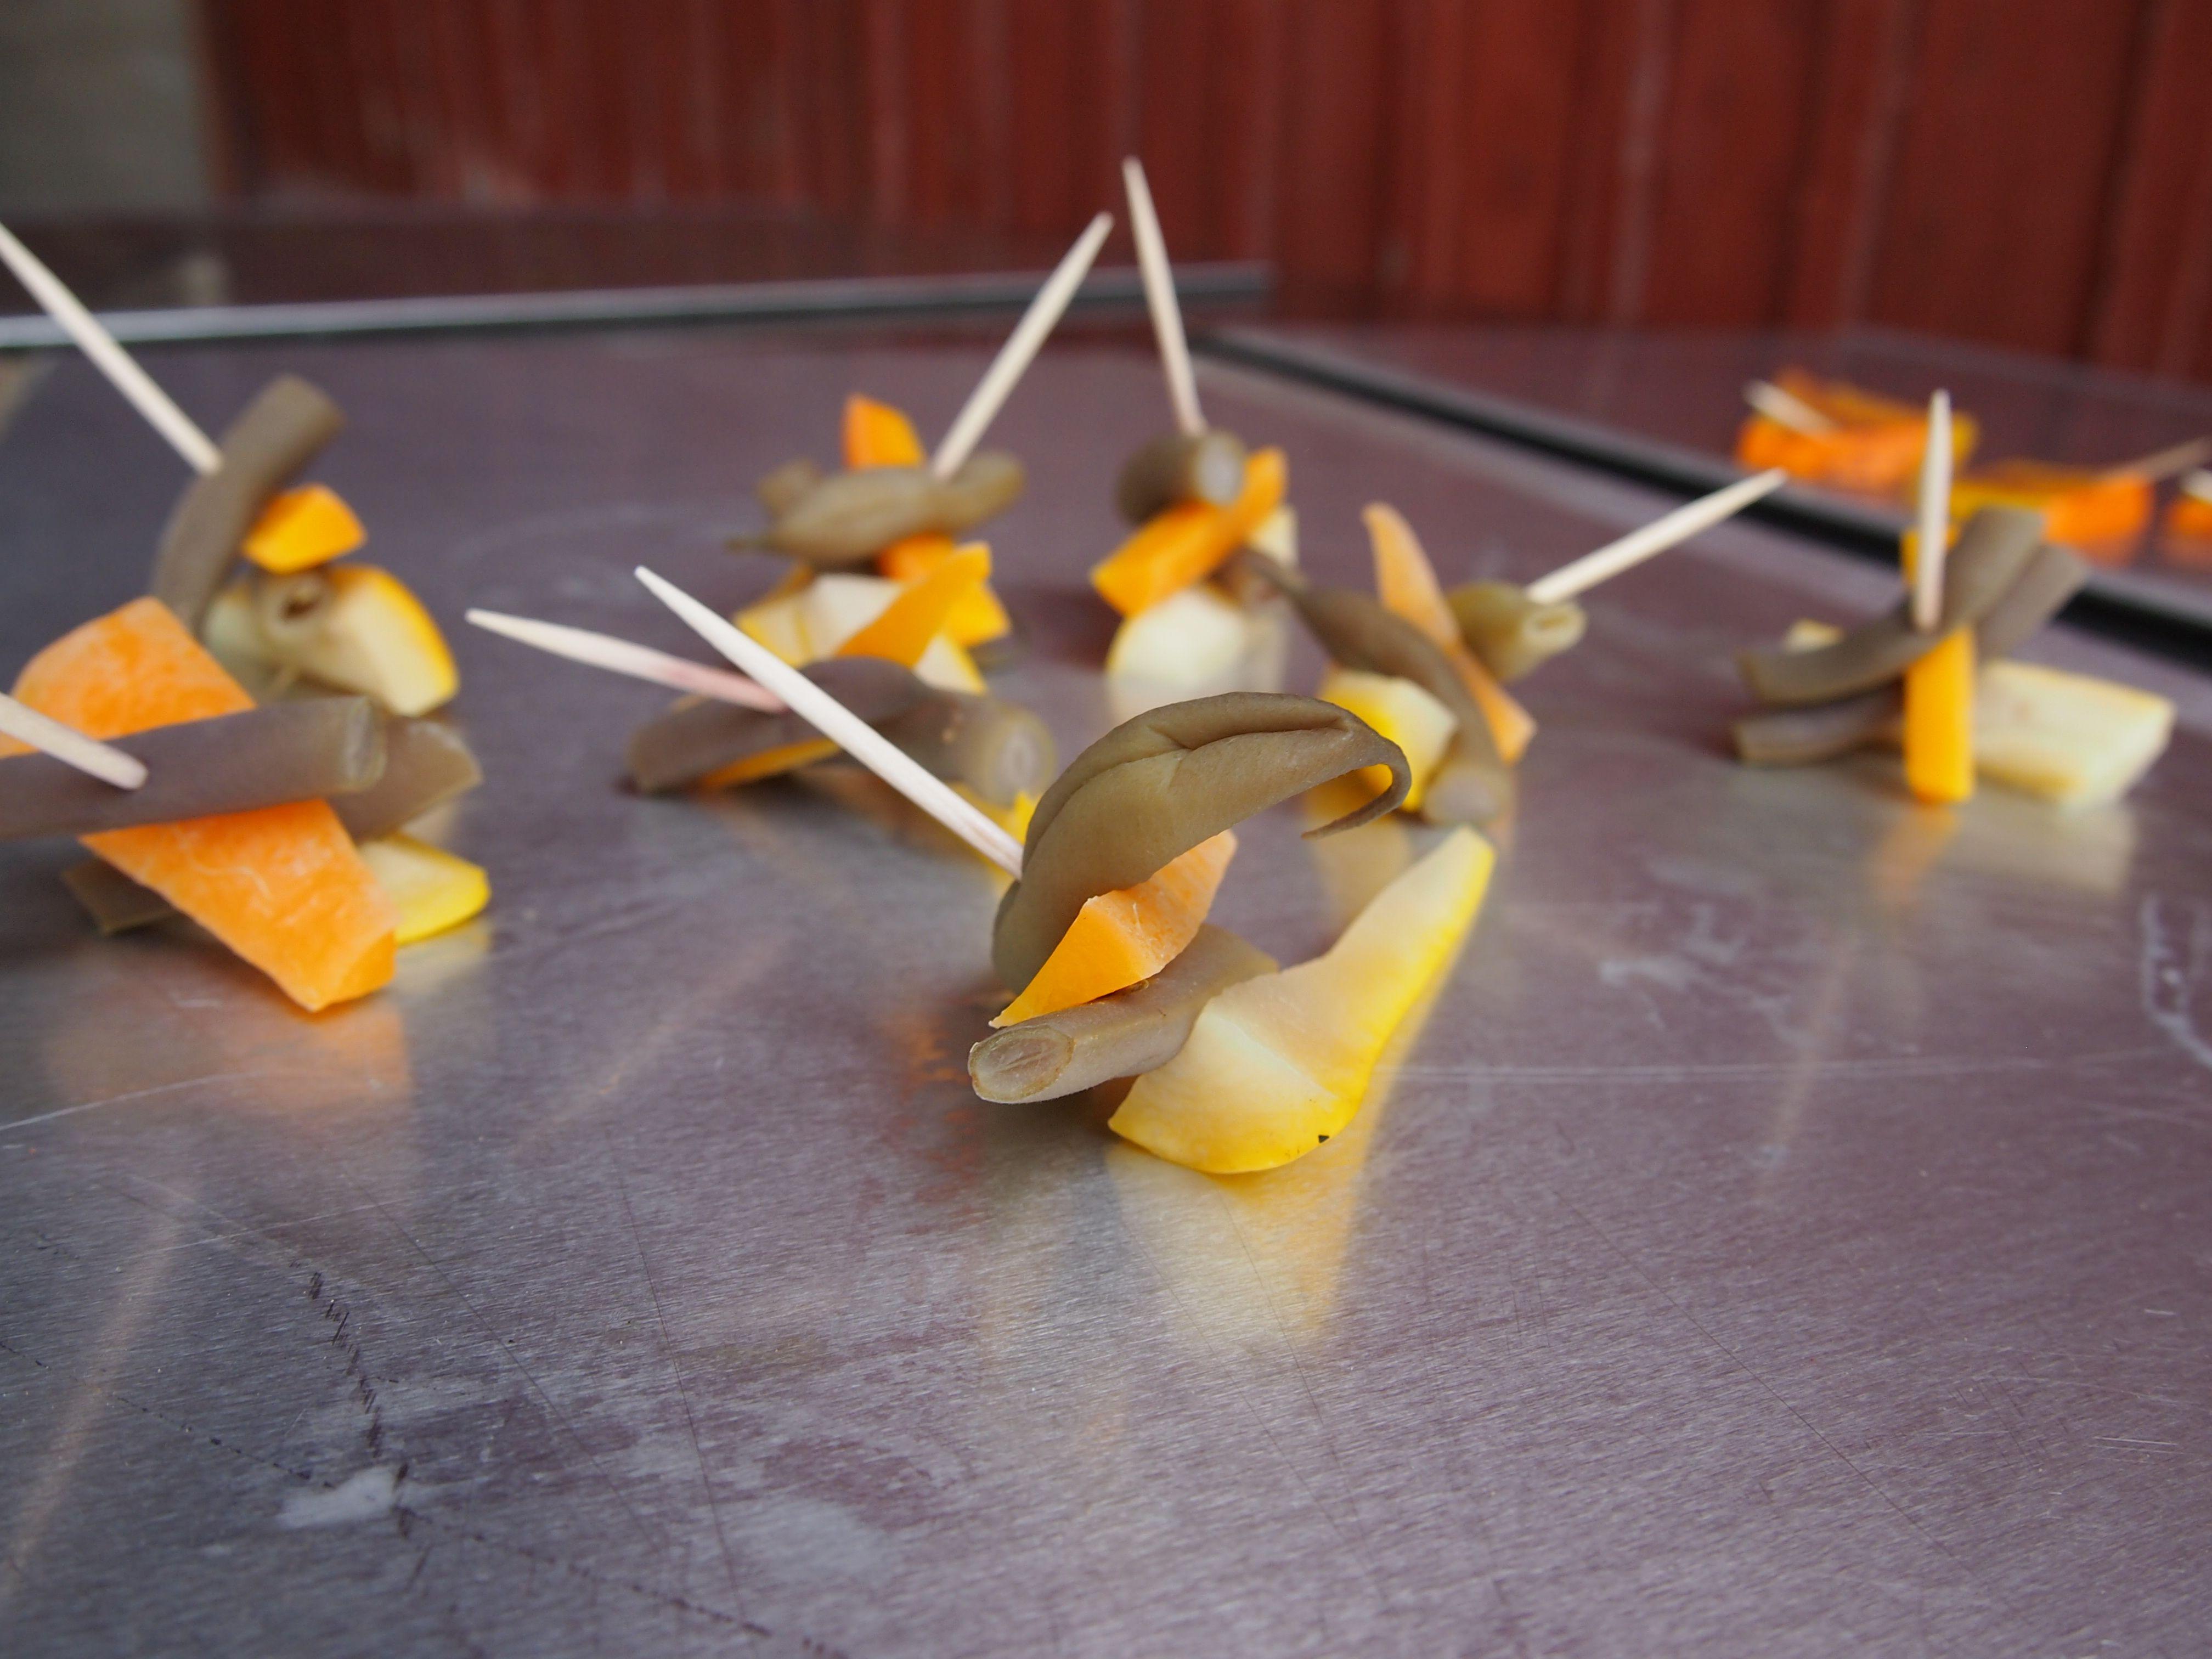 Porkkanaa ja etikoitua pensaspapua, sekä kesäkurpitsaa http://luomunjuuret.fi/janne-lansipuron-kauden-luomuruokaresepteja/